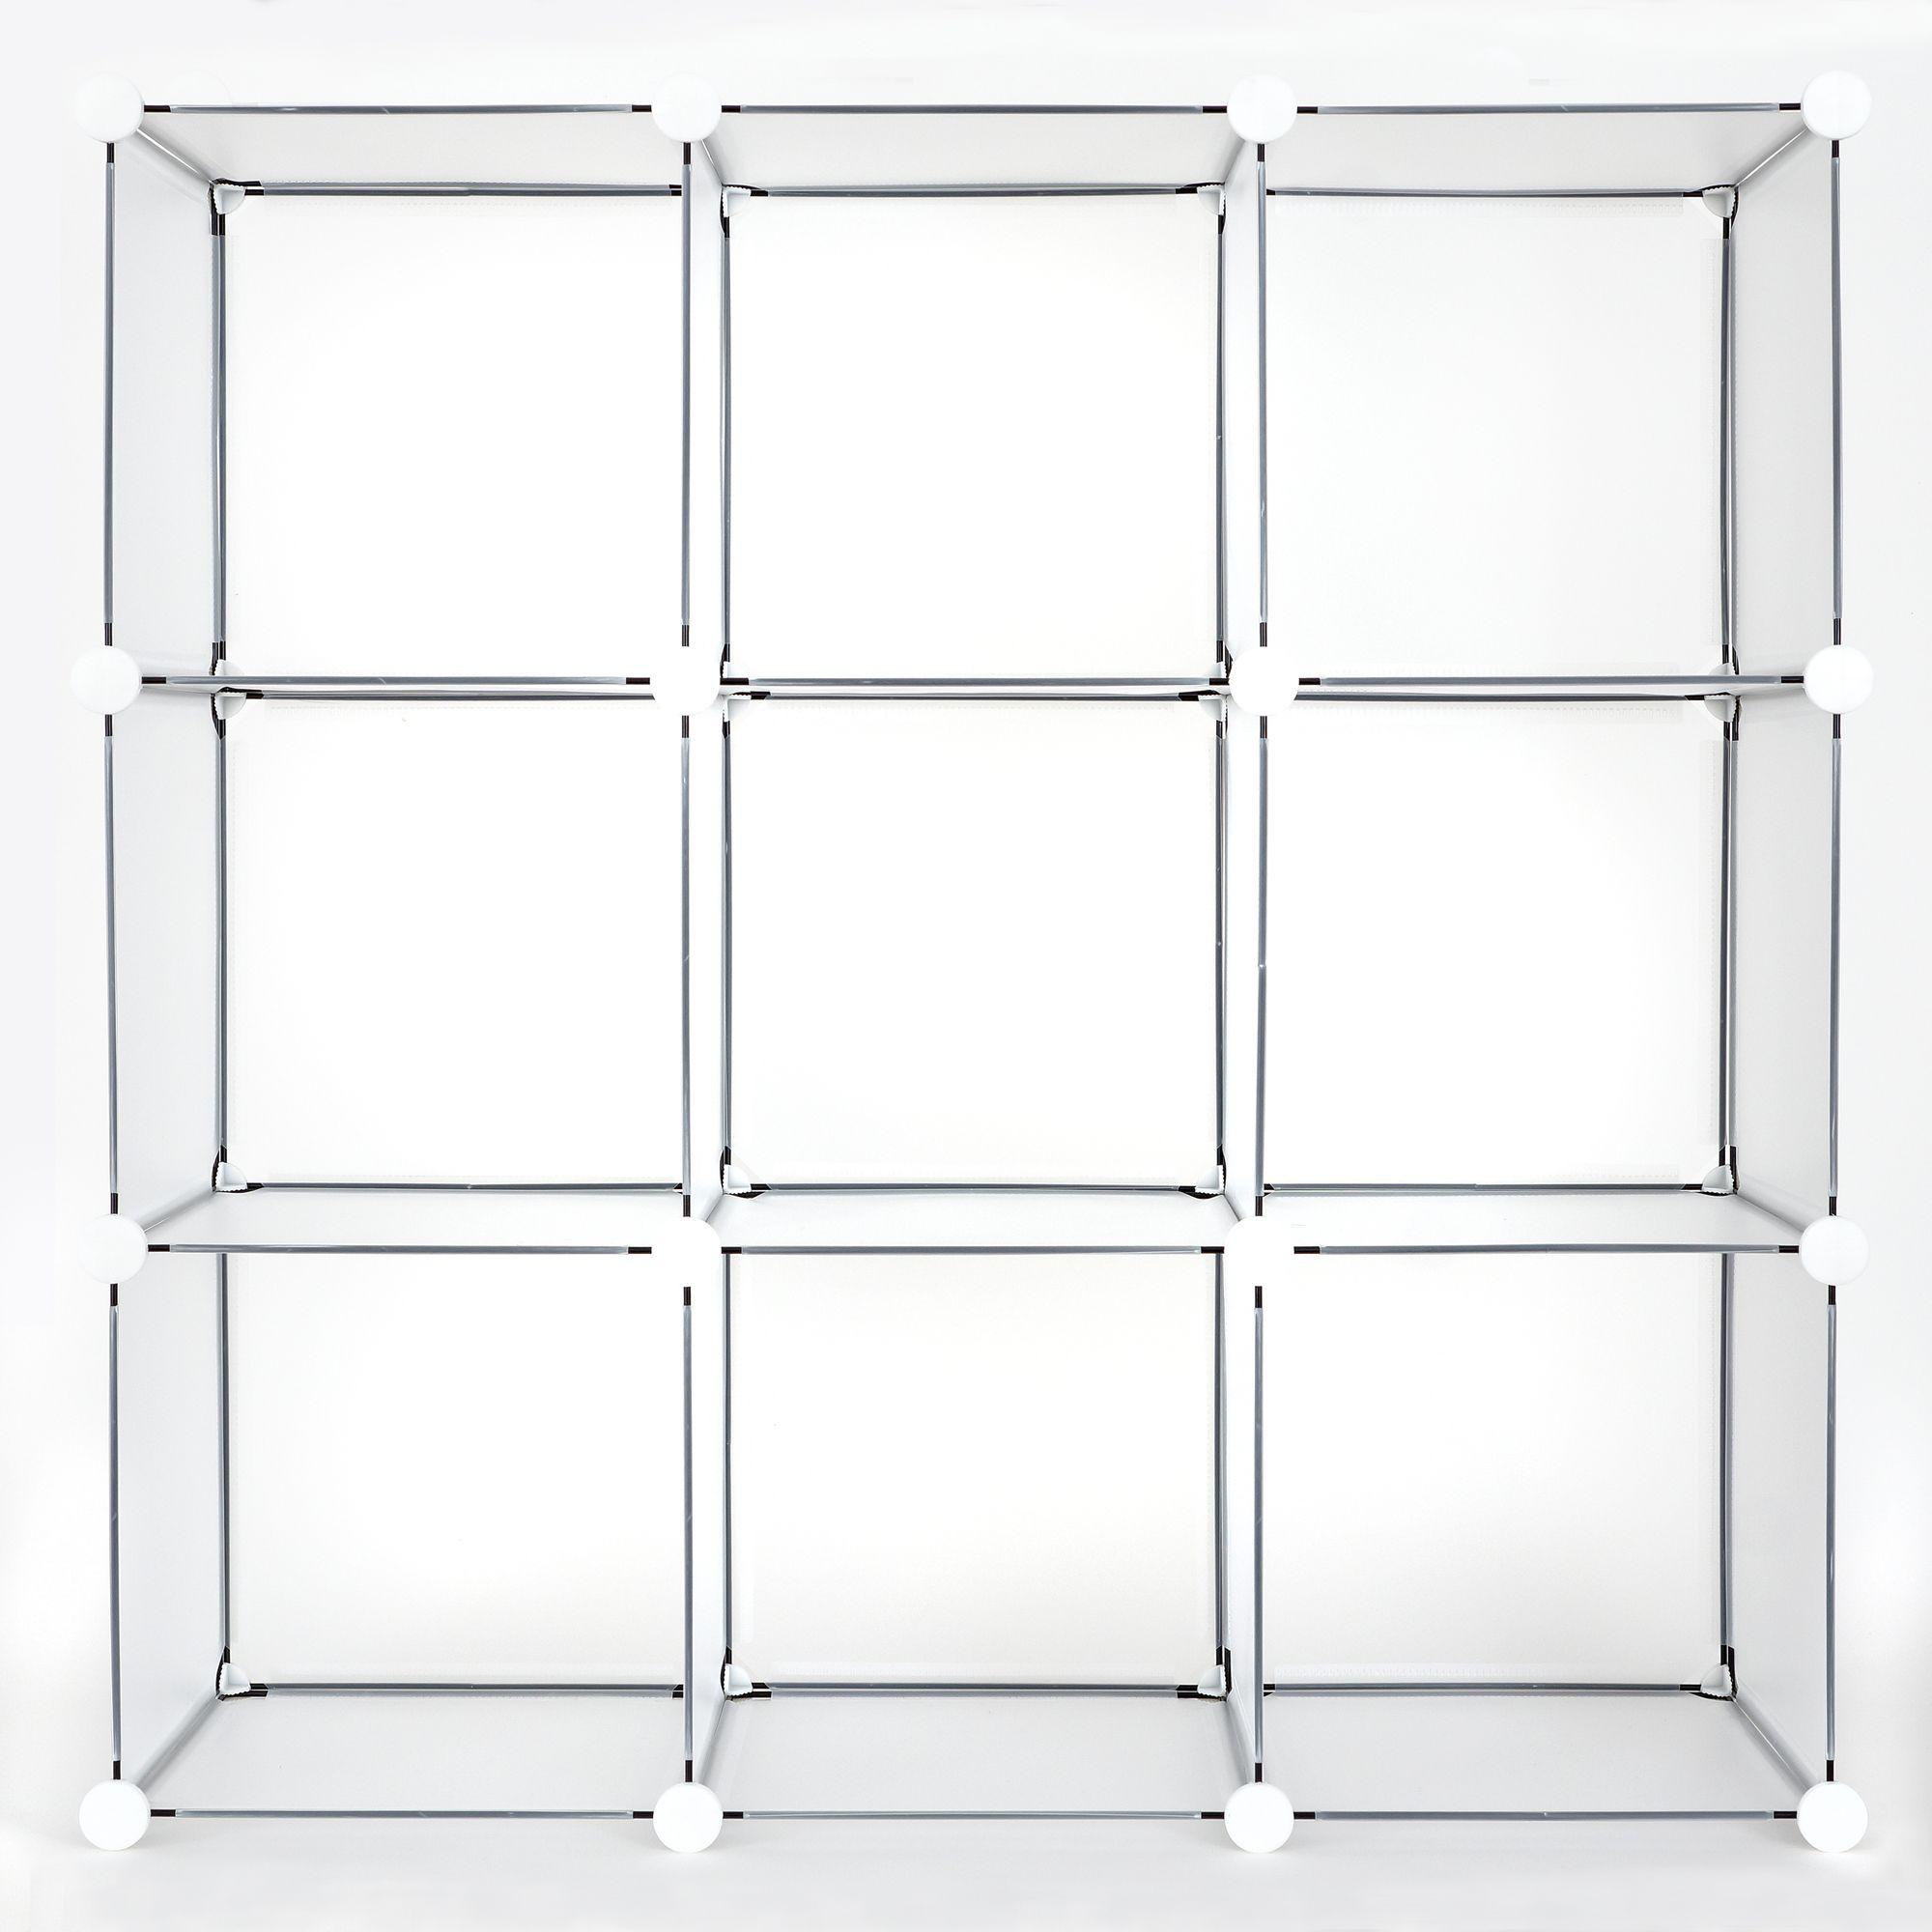 Achim Diy Modular Storage Unit 12x12x12 Clear Frost Walmart Com In 2020 Modular Storage Cube Storage Shelving Unit